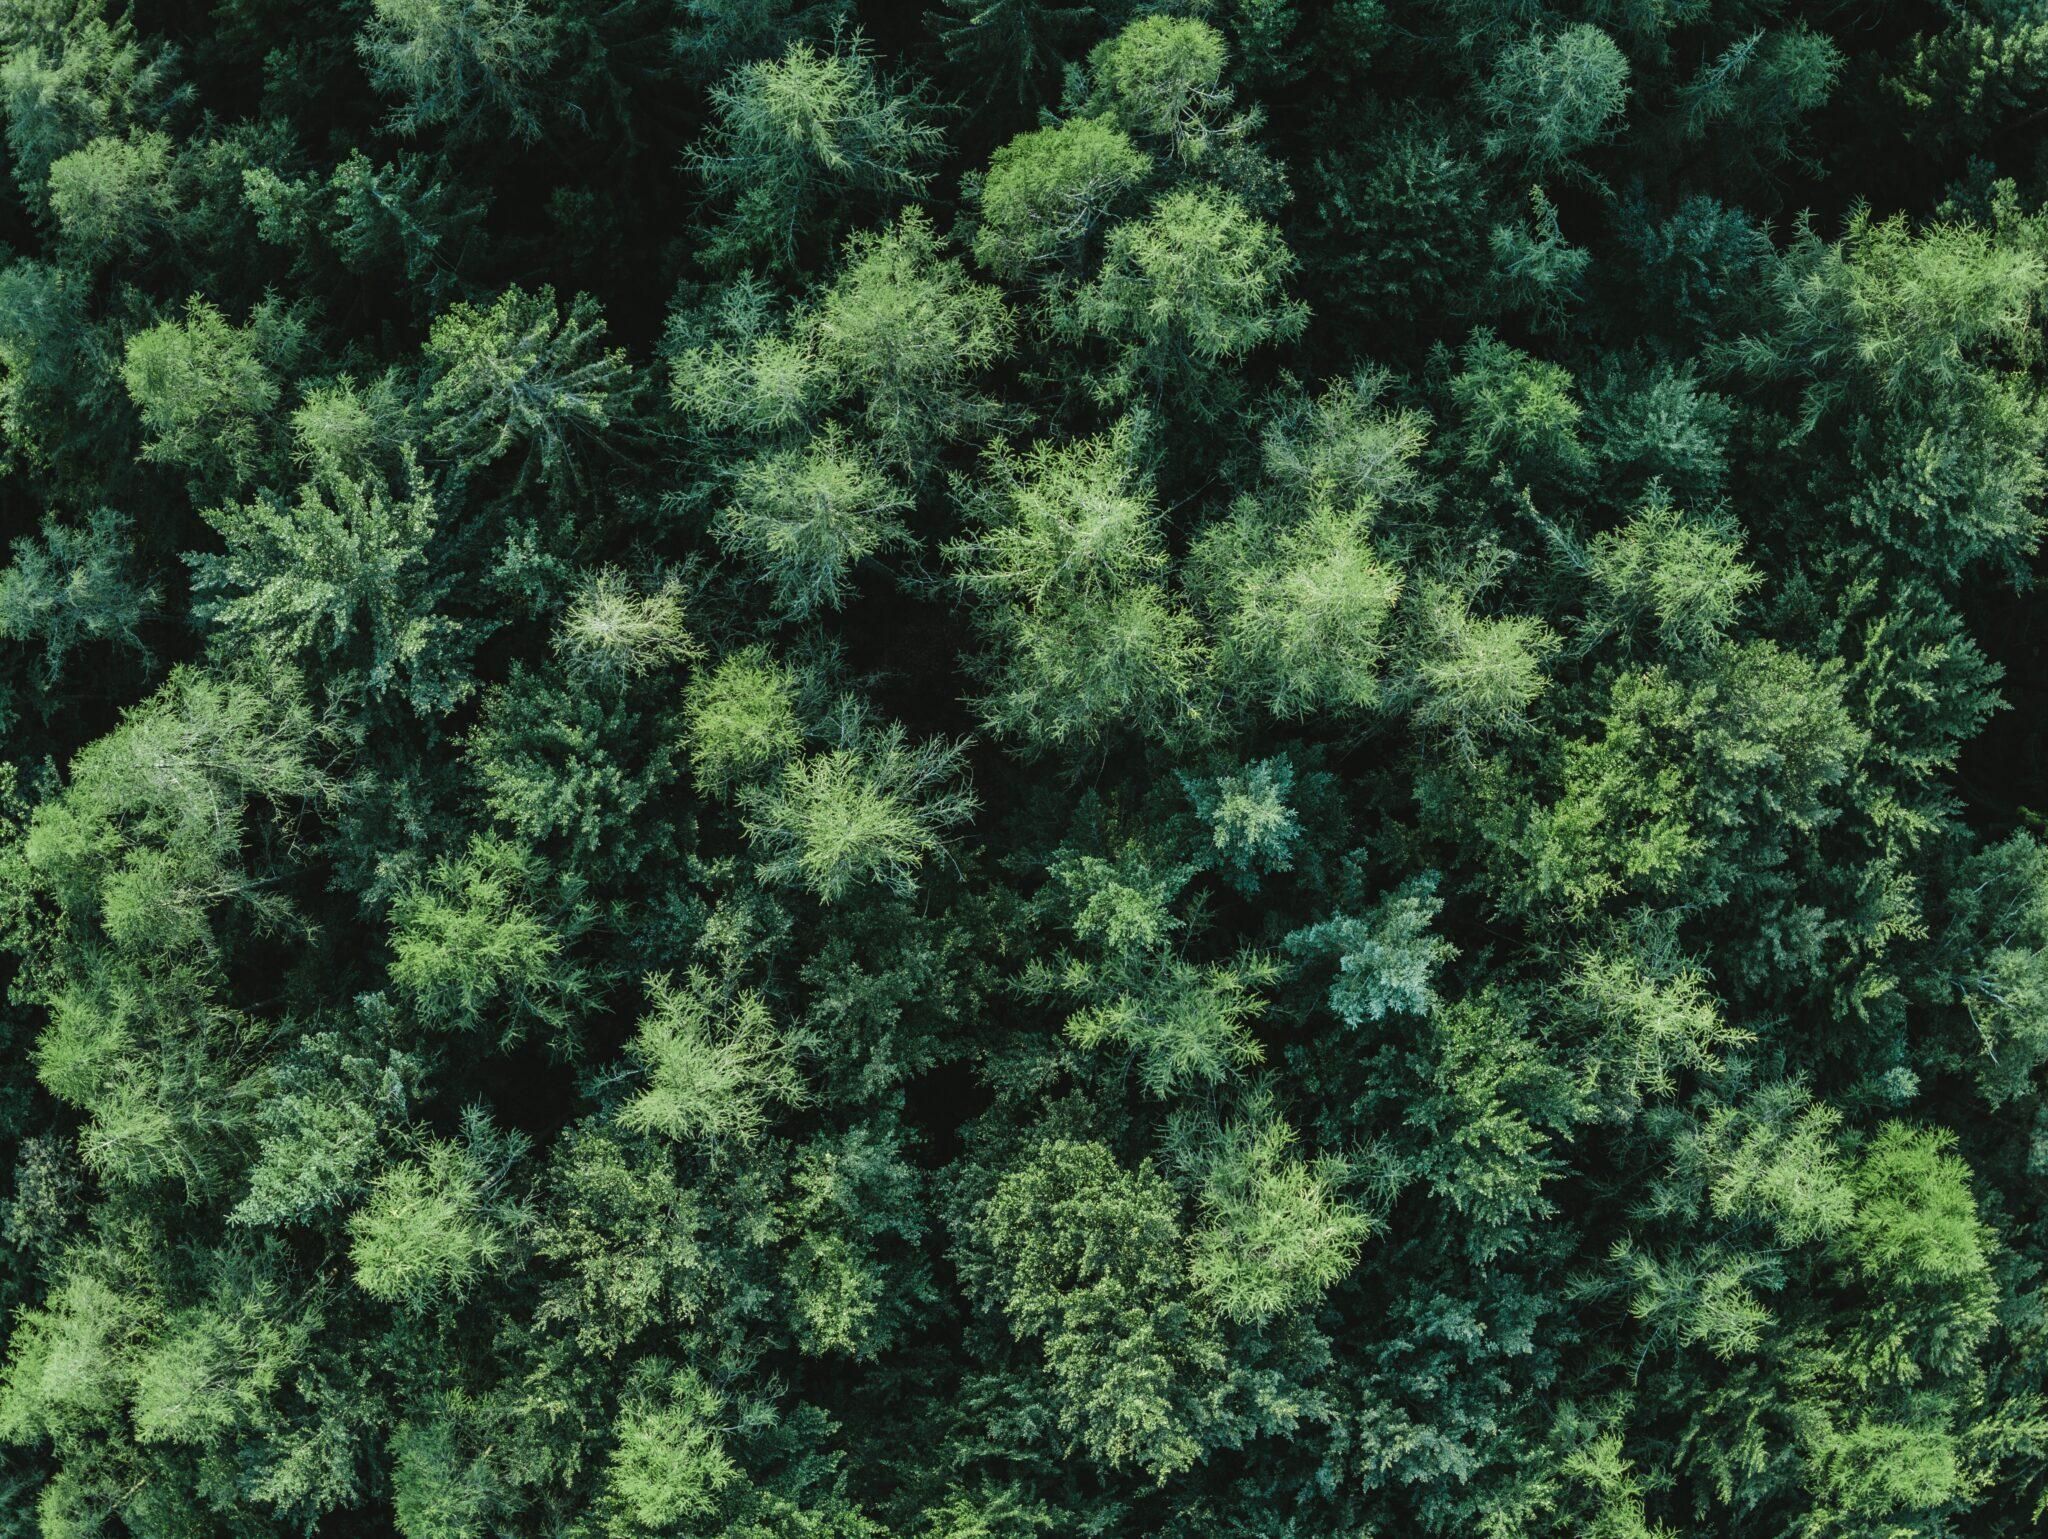 Grüner Wald von oben mit einer Drohne aufgenommen